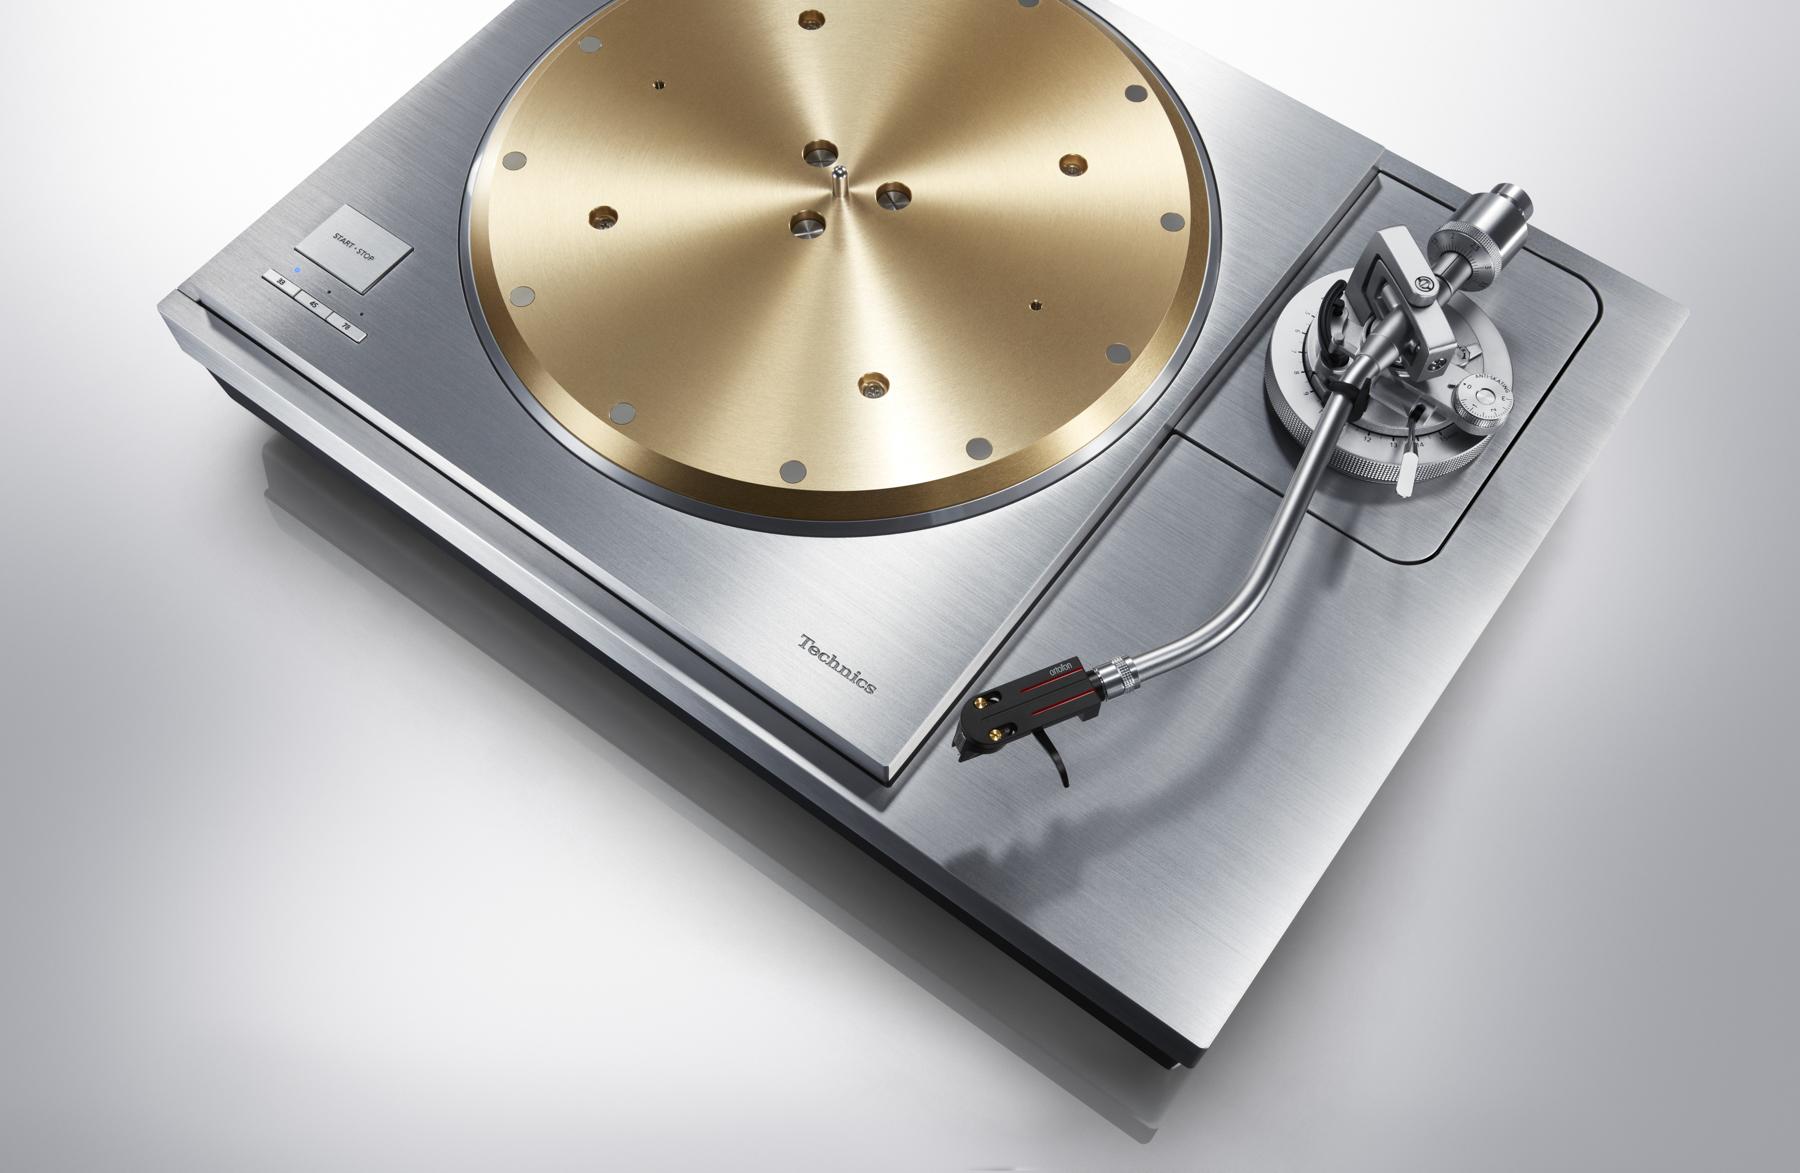 News: Technics führt Plattenspielerlegende mit den Modellen SP-10R und SL-1000R fort